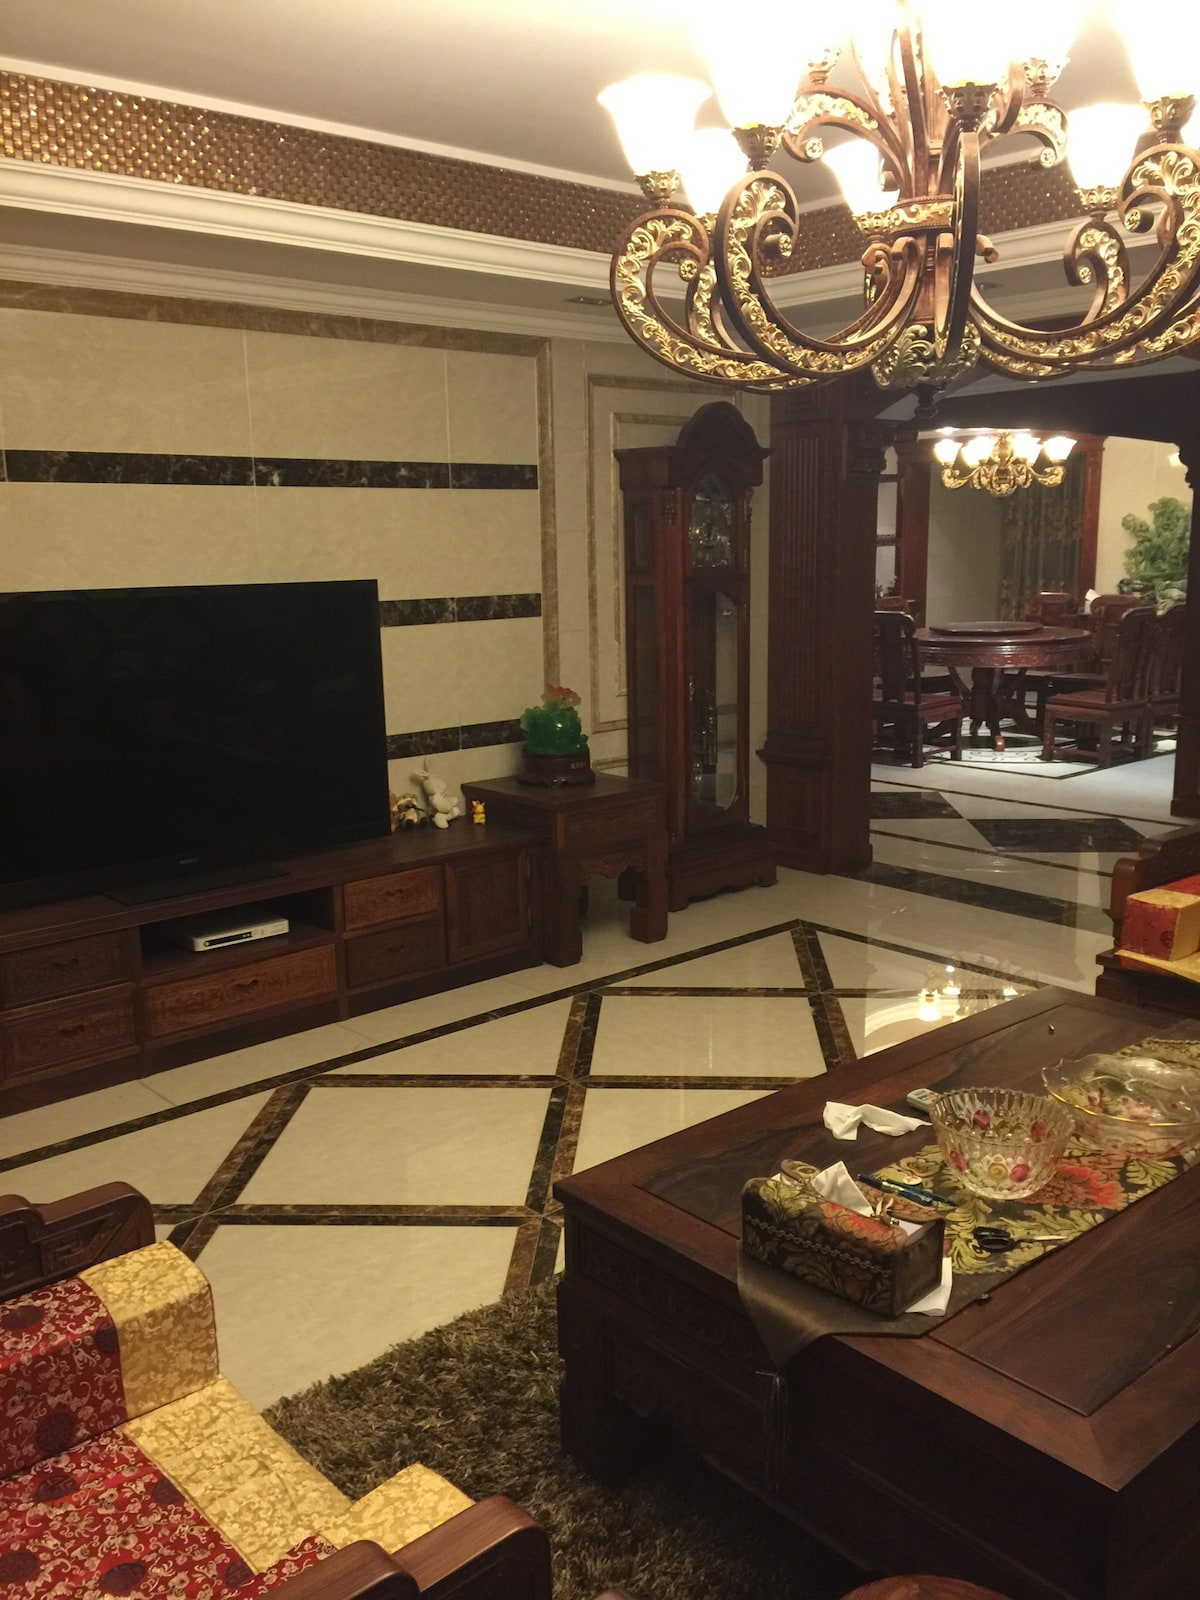 豪华装修,设施一应具全,拎包即入Luxury decoration